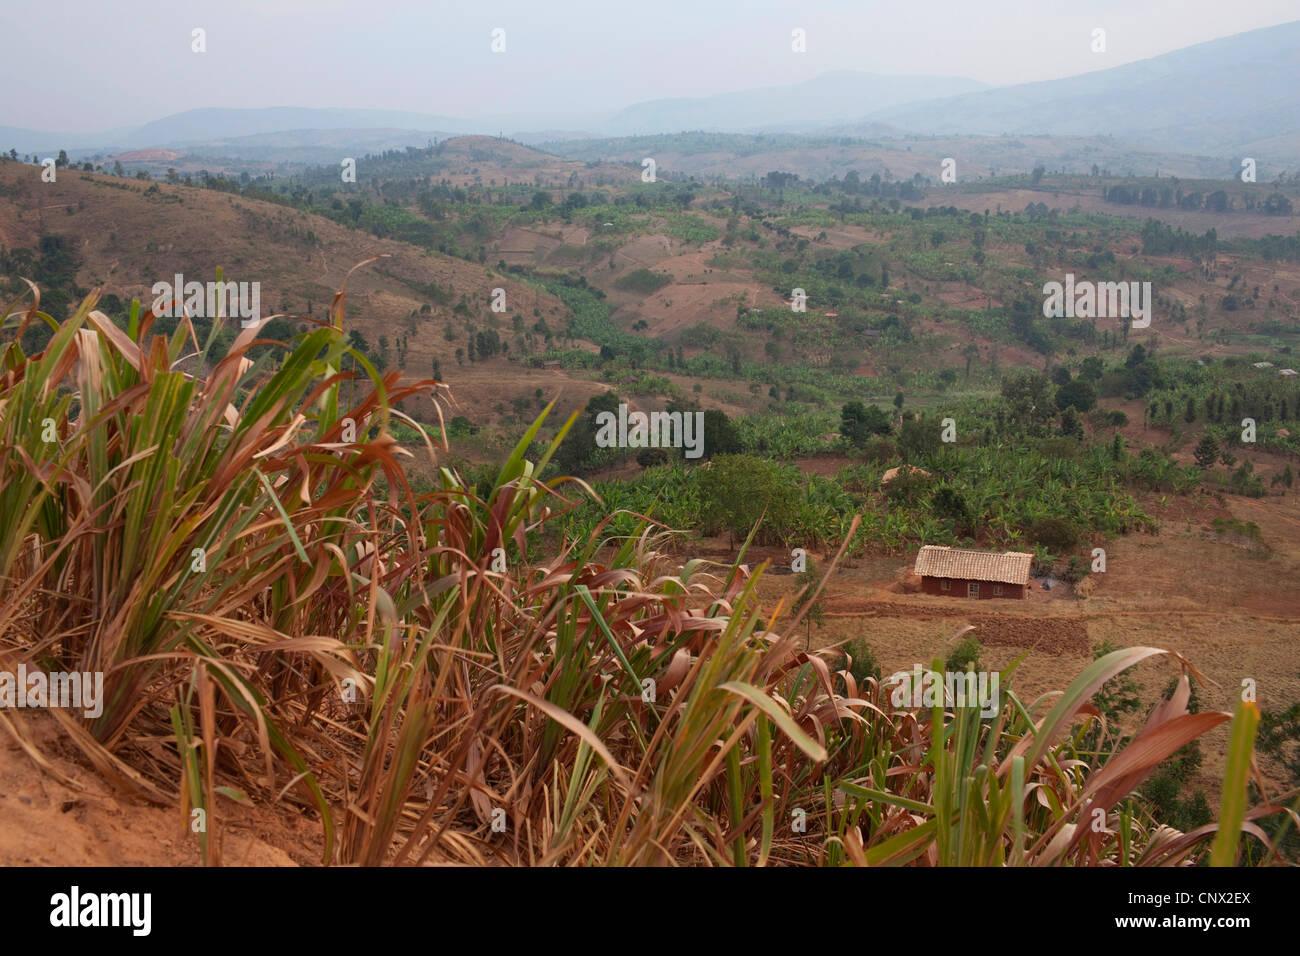 mud house standing in valley, Burundi, Karuzi, Karuzi - Stock Image